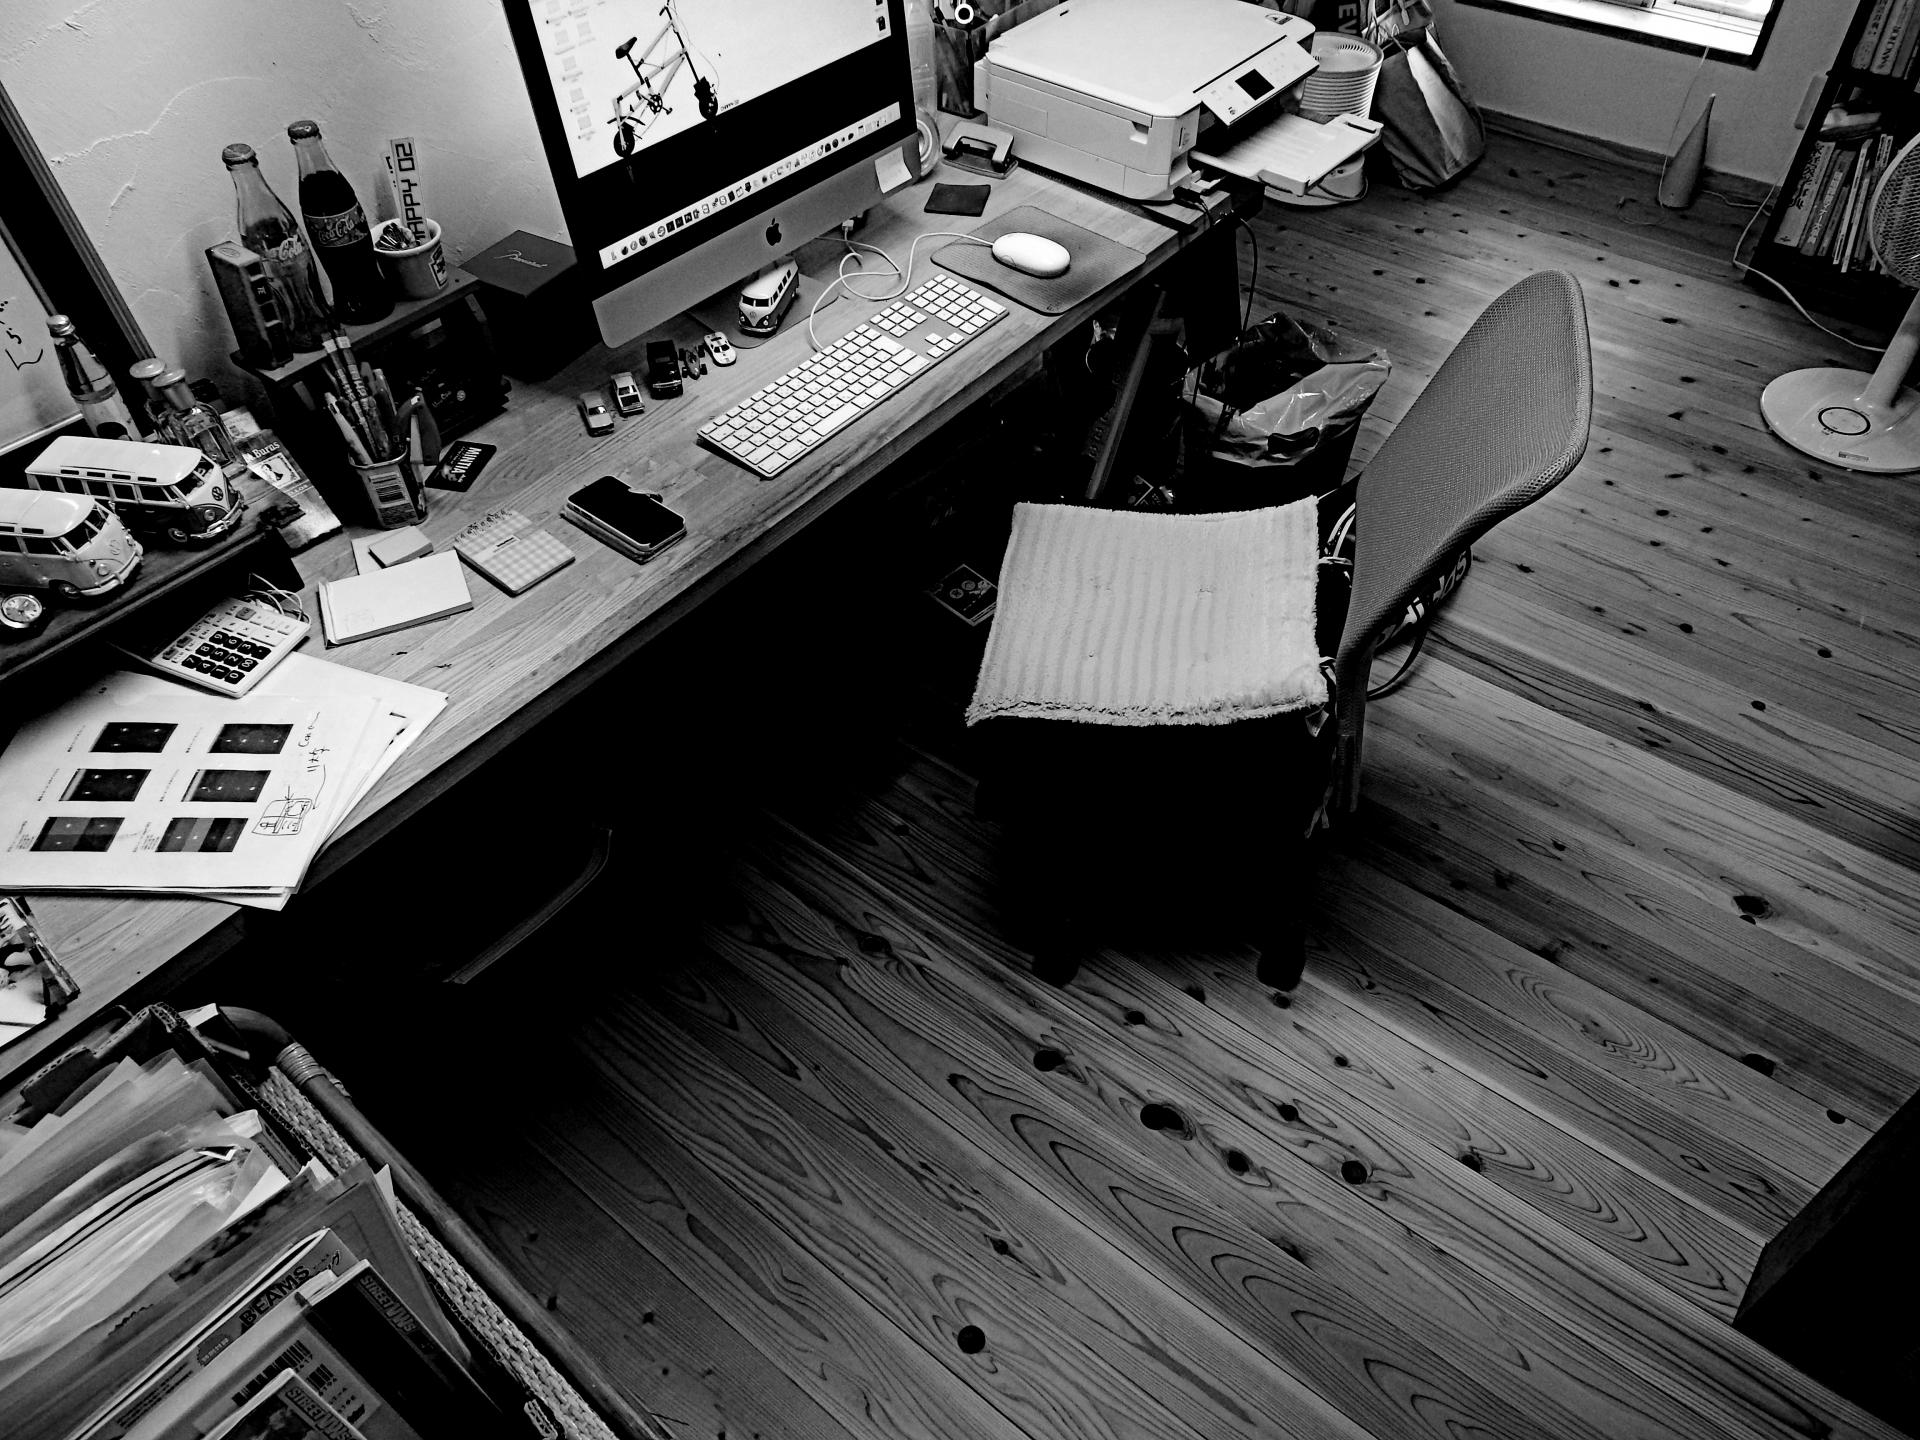 中高年が失業から再就職 | 転職を大成功させて幸せを掴むブログ